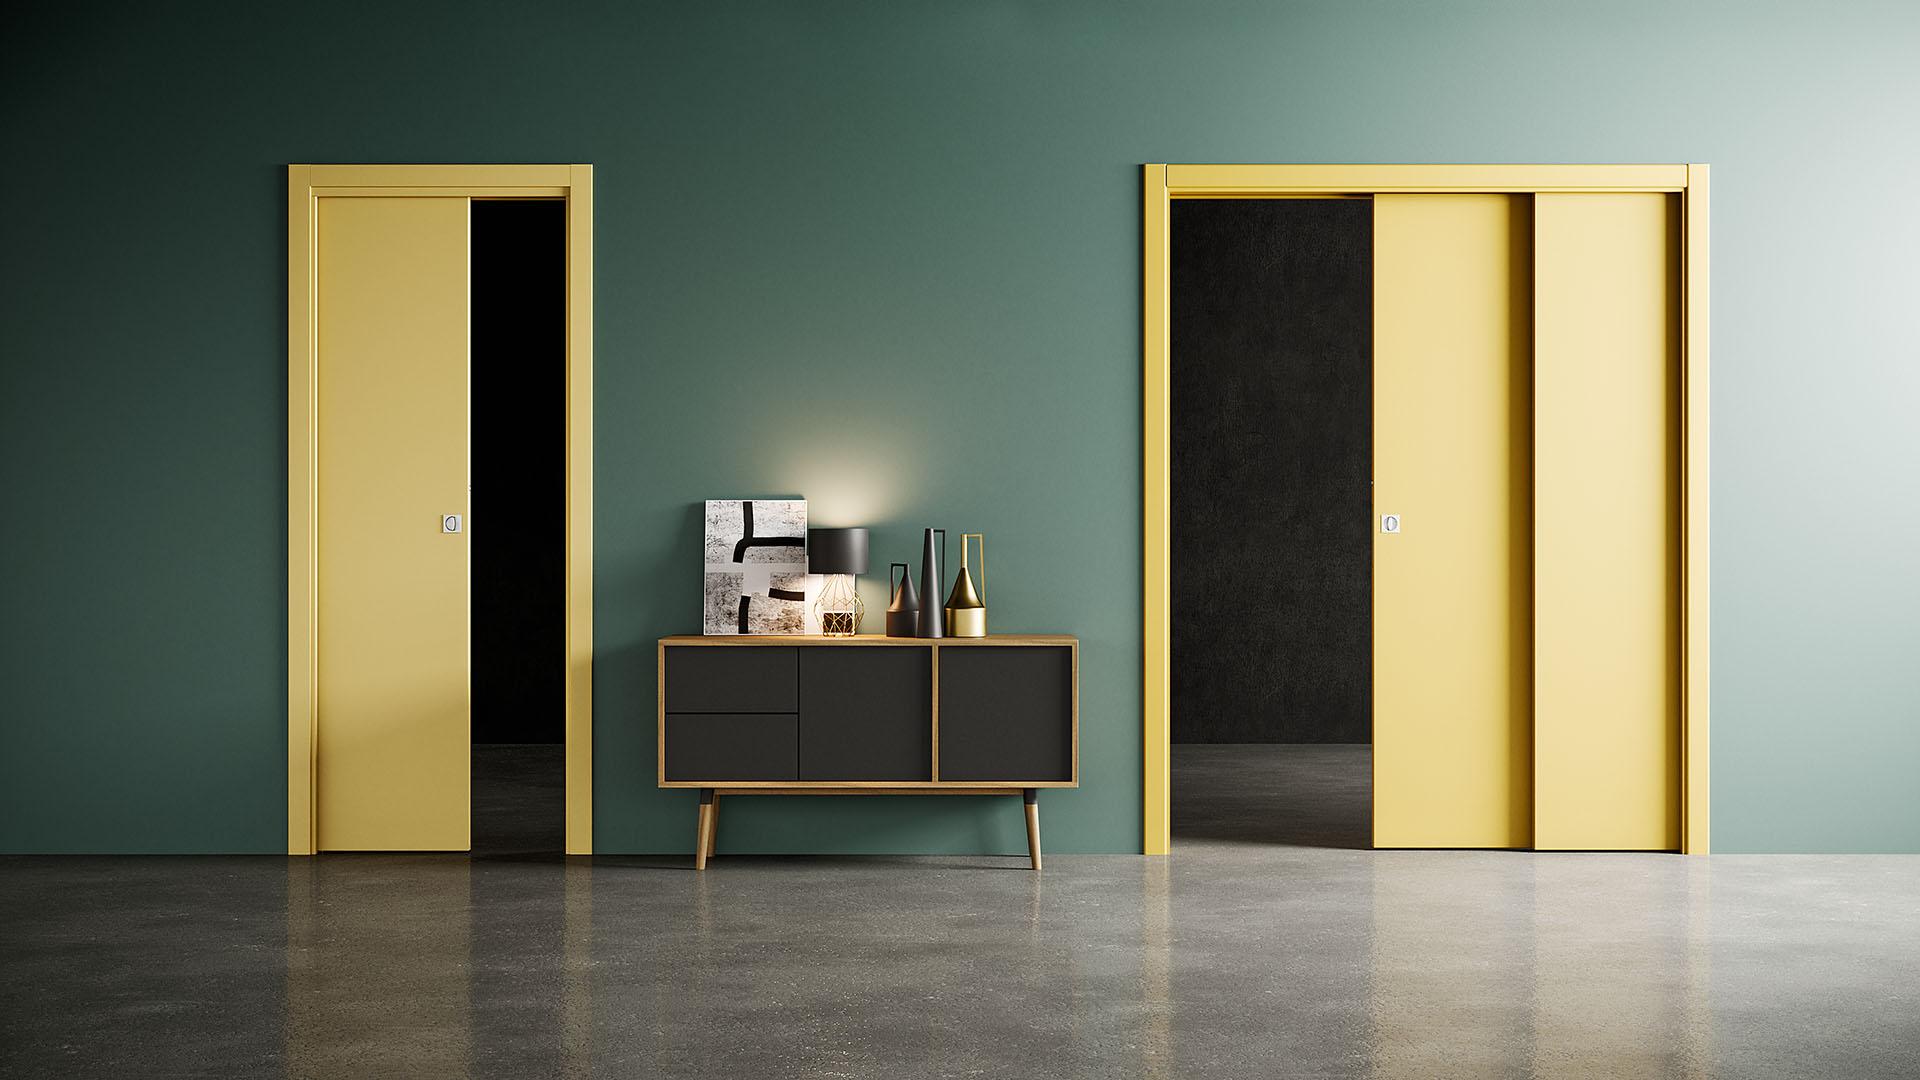 Velio Staffetta - Porta scorrevole classica con mostrine per grandi aperture